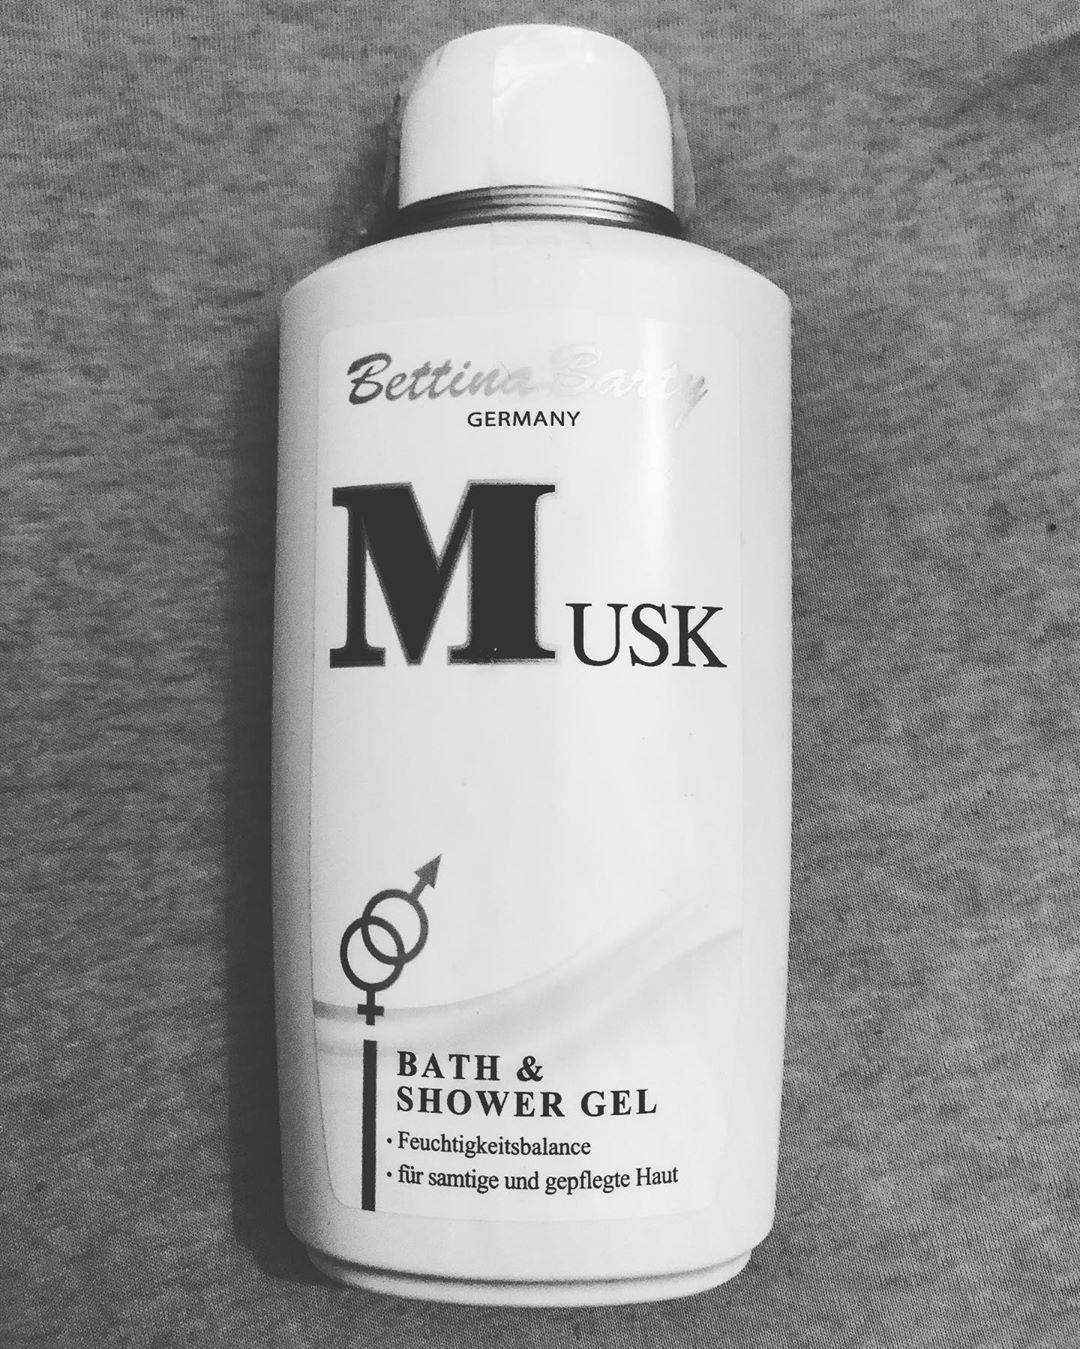 Sữa tắm hương nước hoa Musk dành cho cả nam và nữ